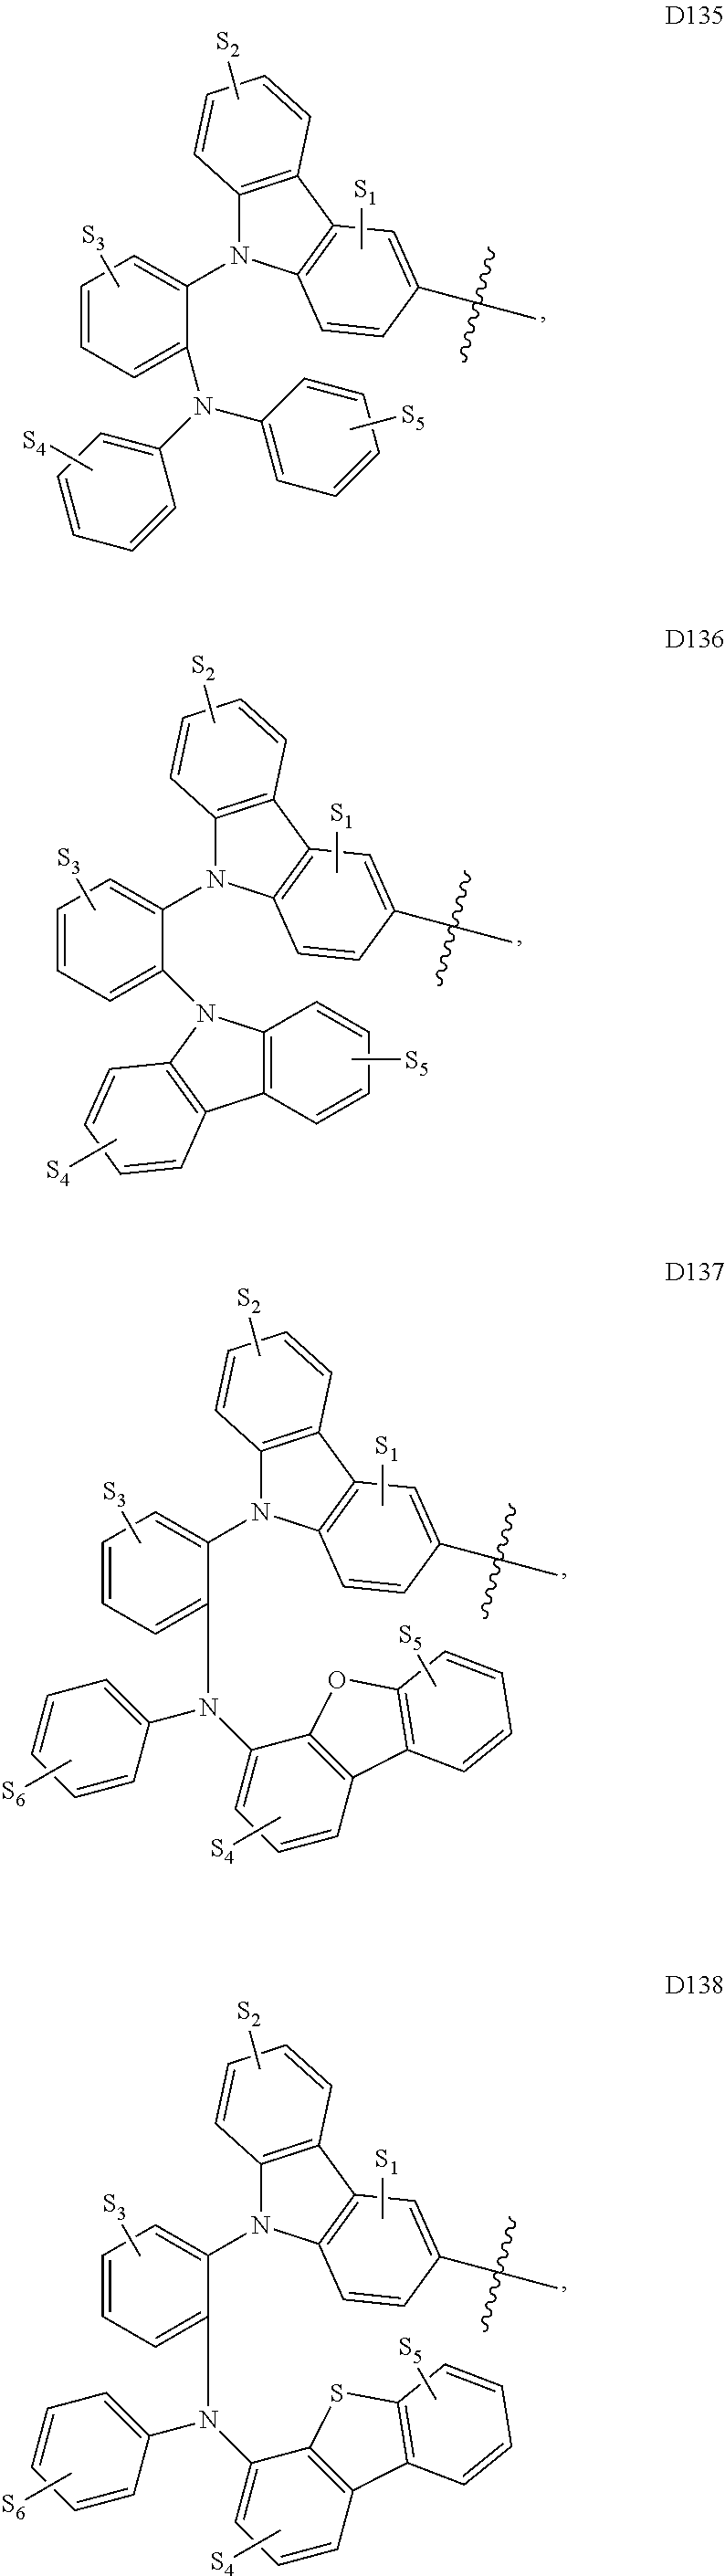 Figure US09324949-20160426-C00088